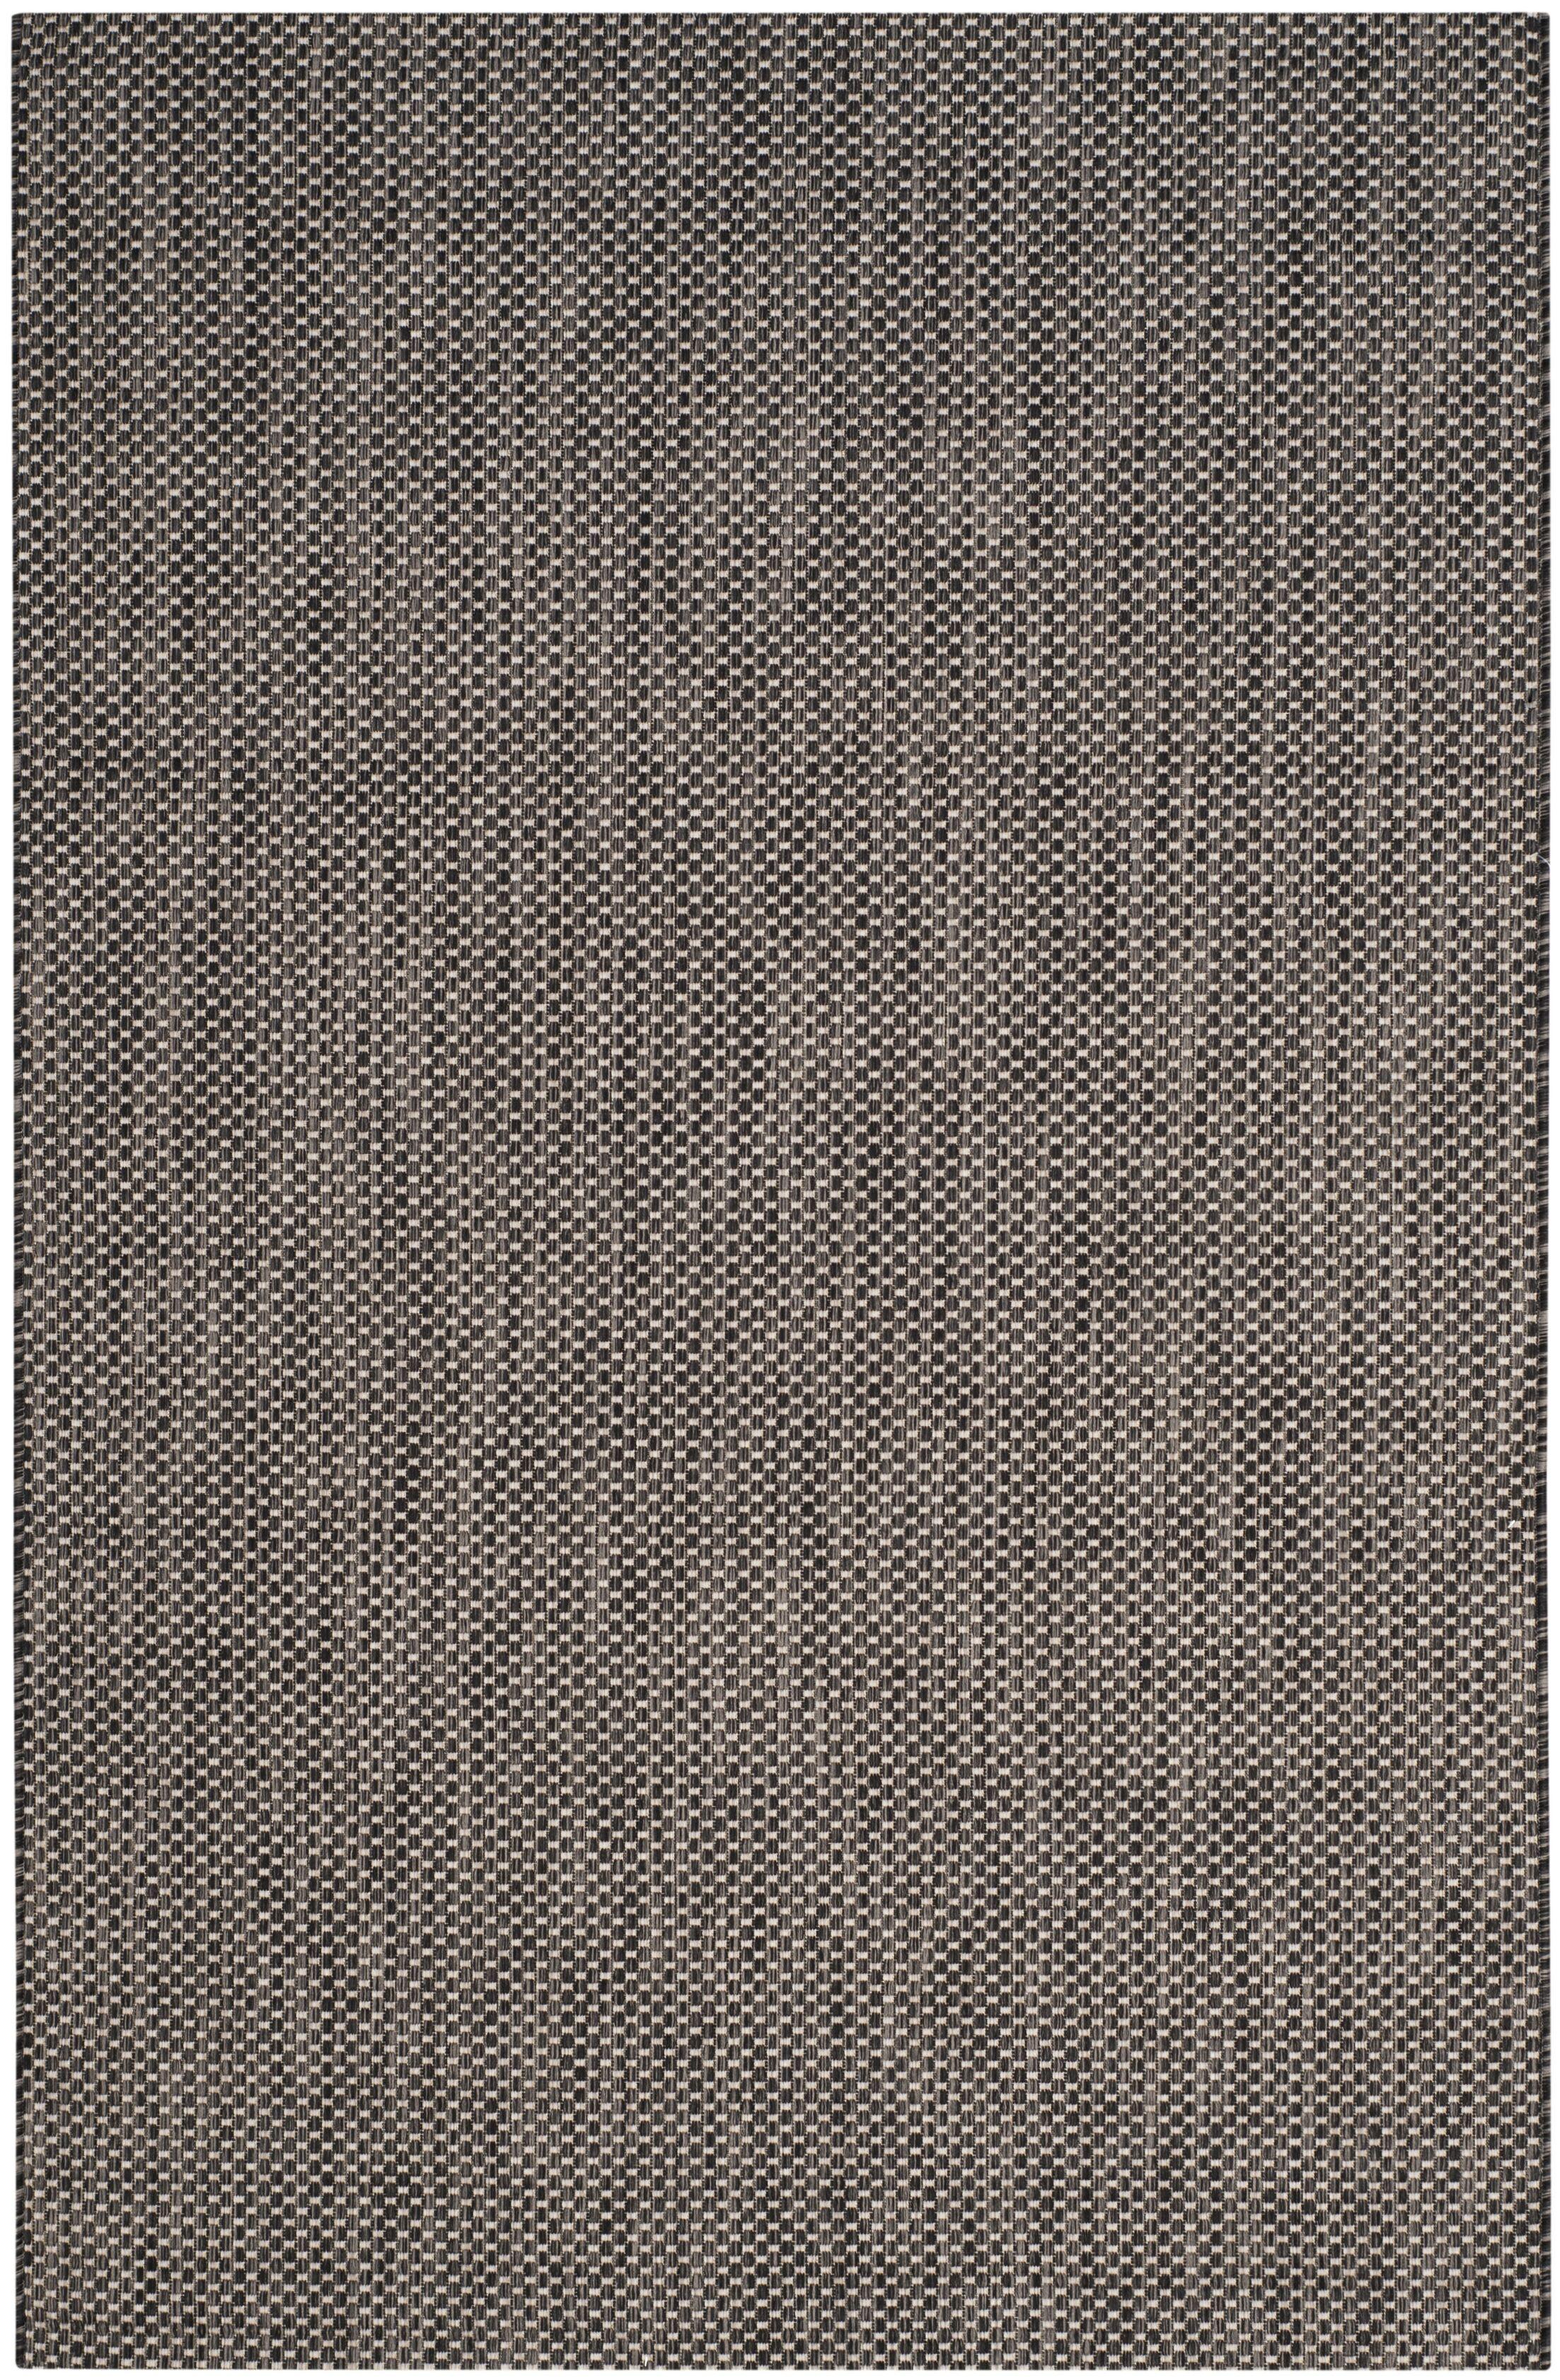 Mullen Black/Beige Area Rug Rug Size: Rectangle 5'3